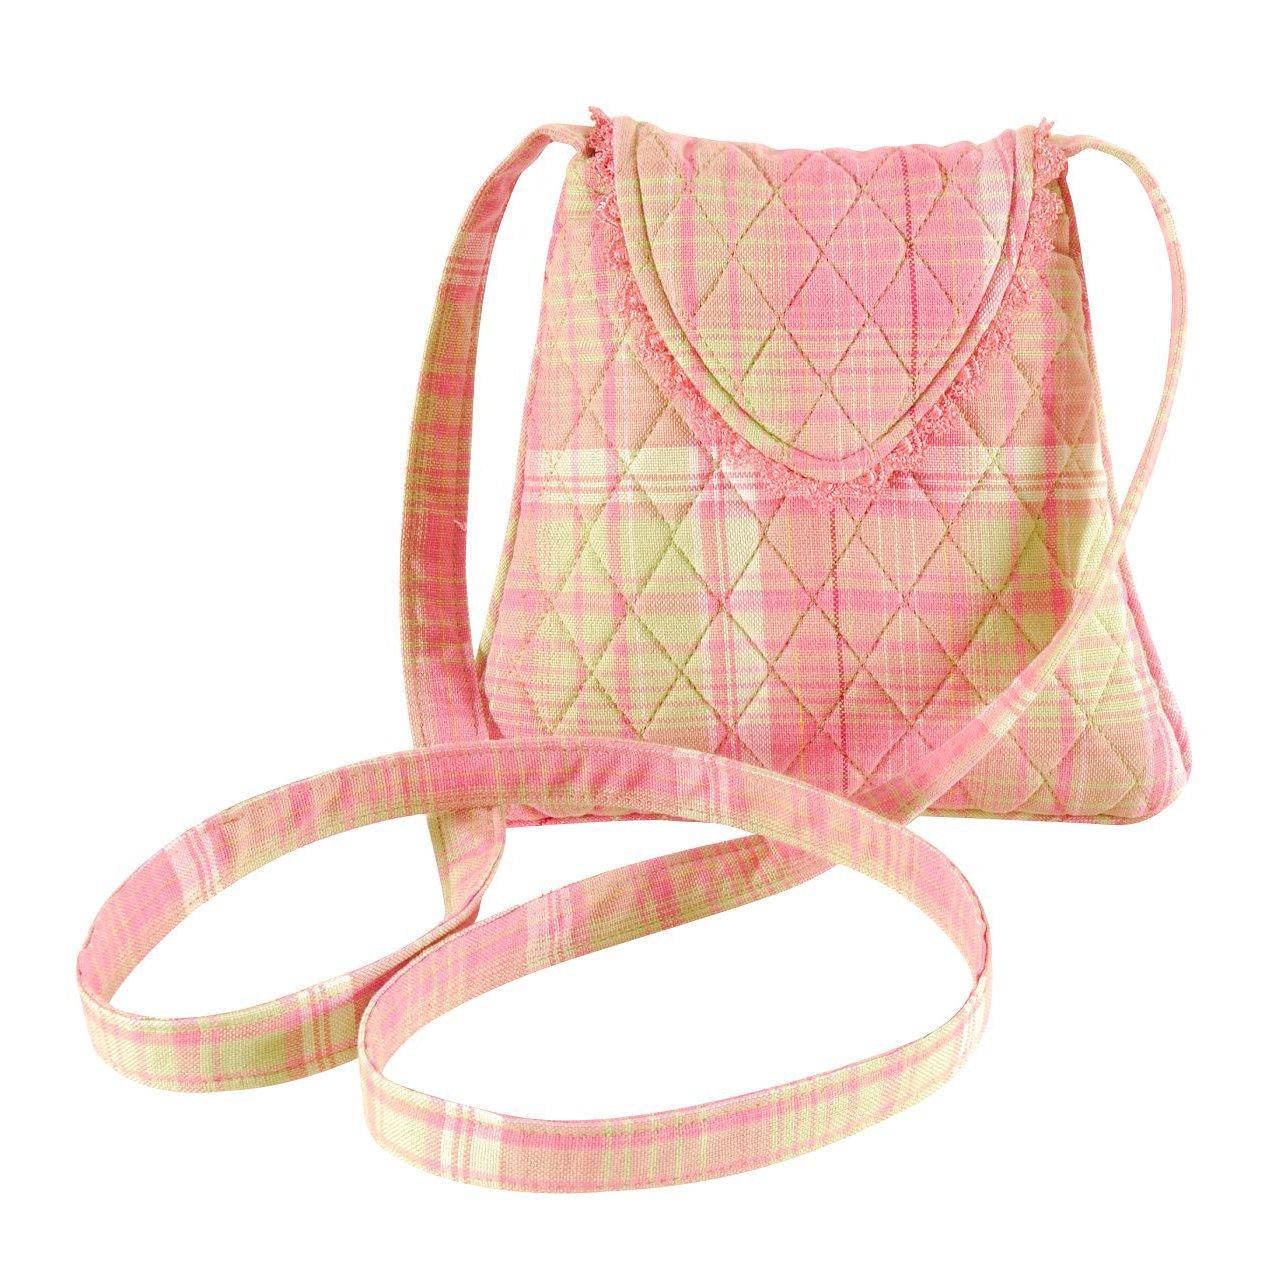 C & Fホーム用フリル付きヒップバッグ Small Hip Ruffle Bag 8613905X B079NLMLFG Primavera Small Hip Ruffle Bag